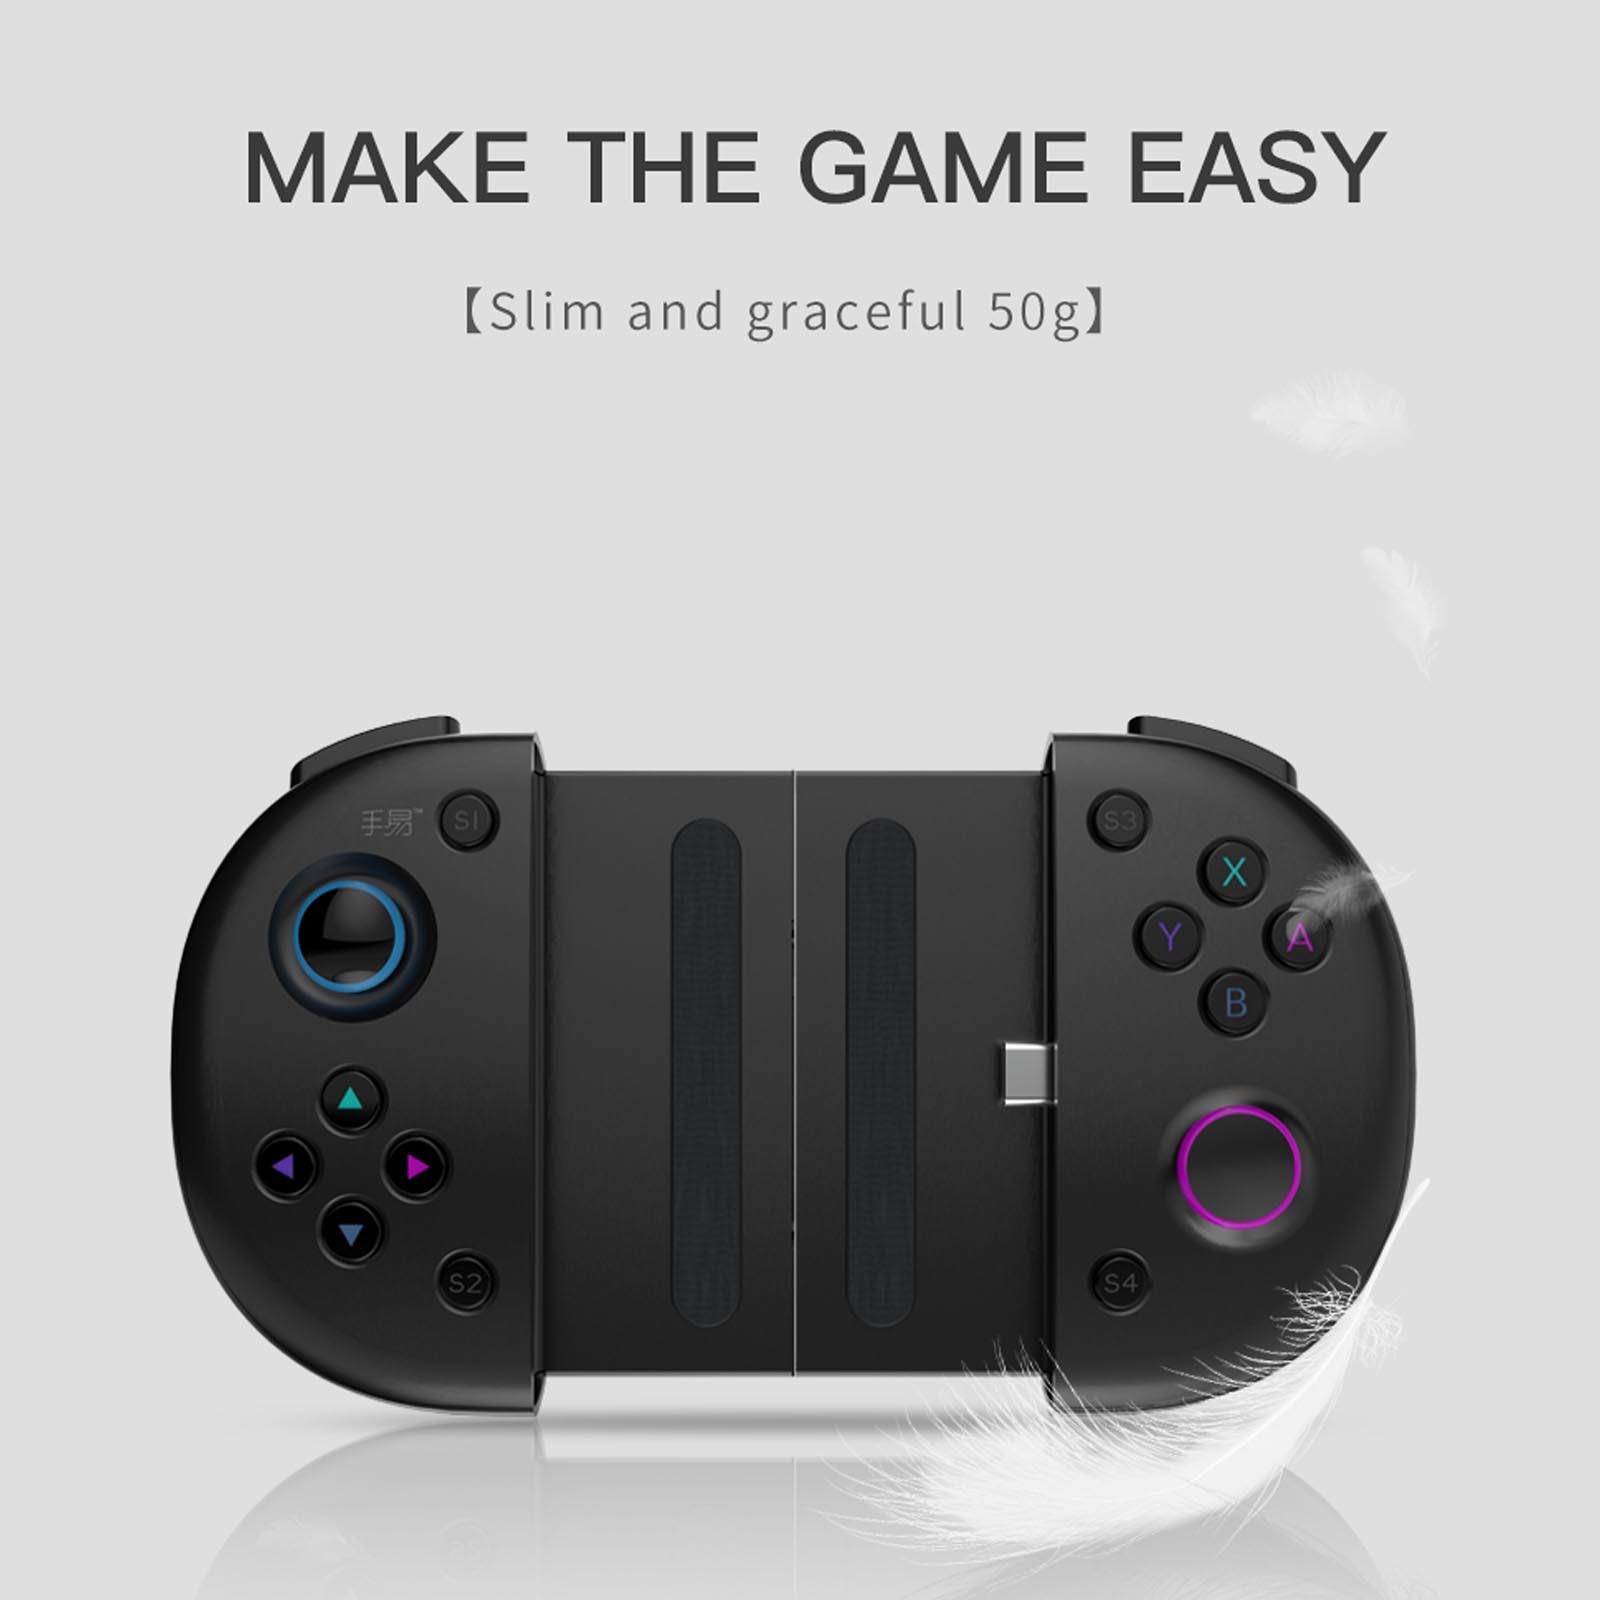 Manette de jeu N1 type-c pour téléphone Android, Joystick analogique cliquable, avec Port type-c, charge rapide, pour Huawei Honor